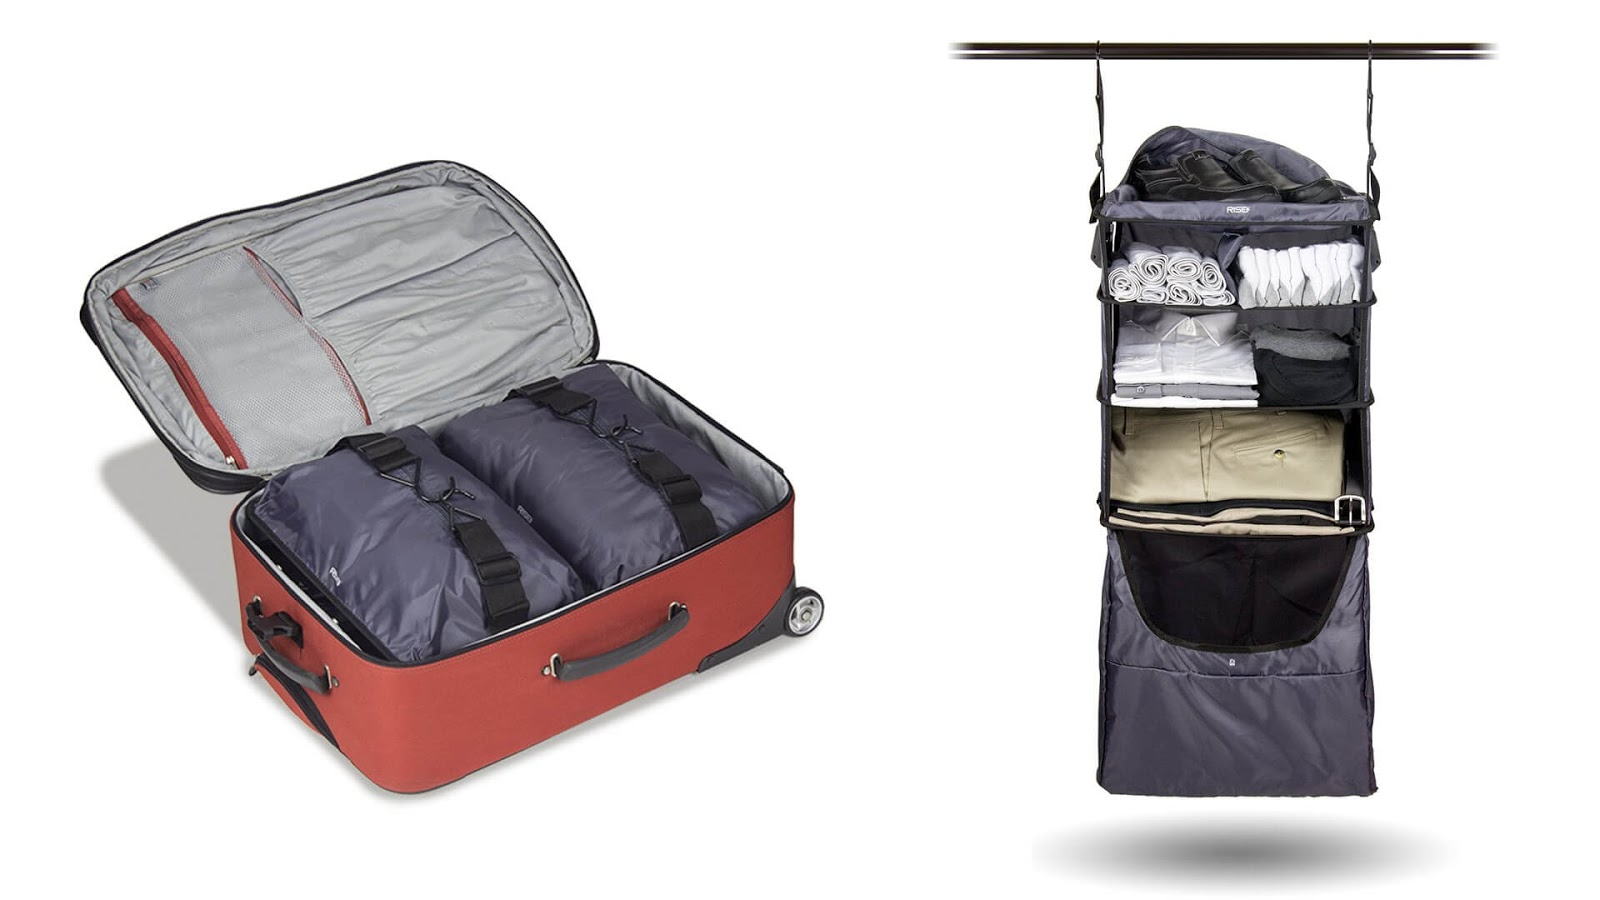 Katlanabilir bir elbise rafı ile bütün valiz hazırlama problemlerinize çözüm bulabilirsiniz